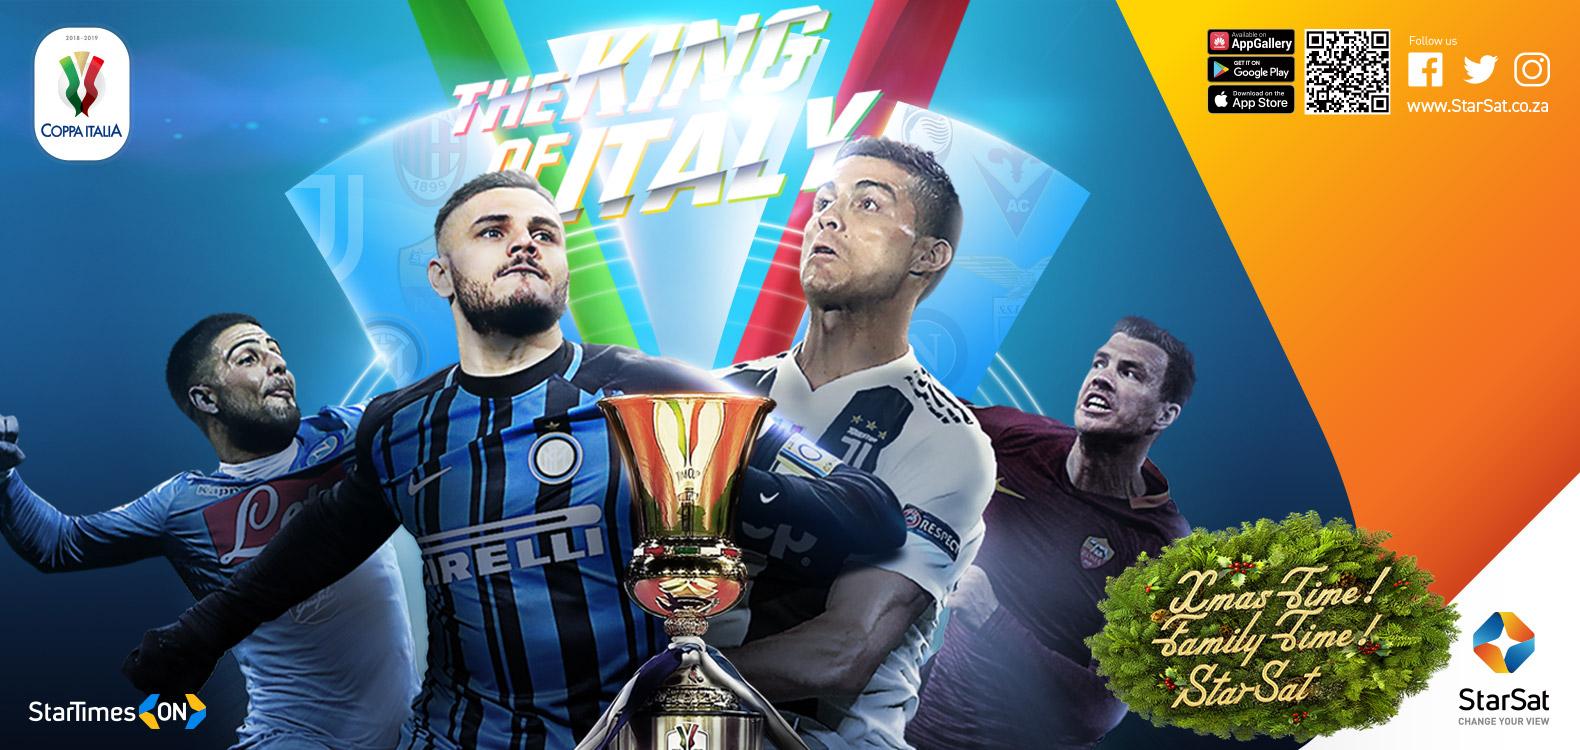 Coppa Italia on StarSat